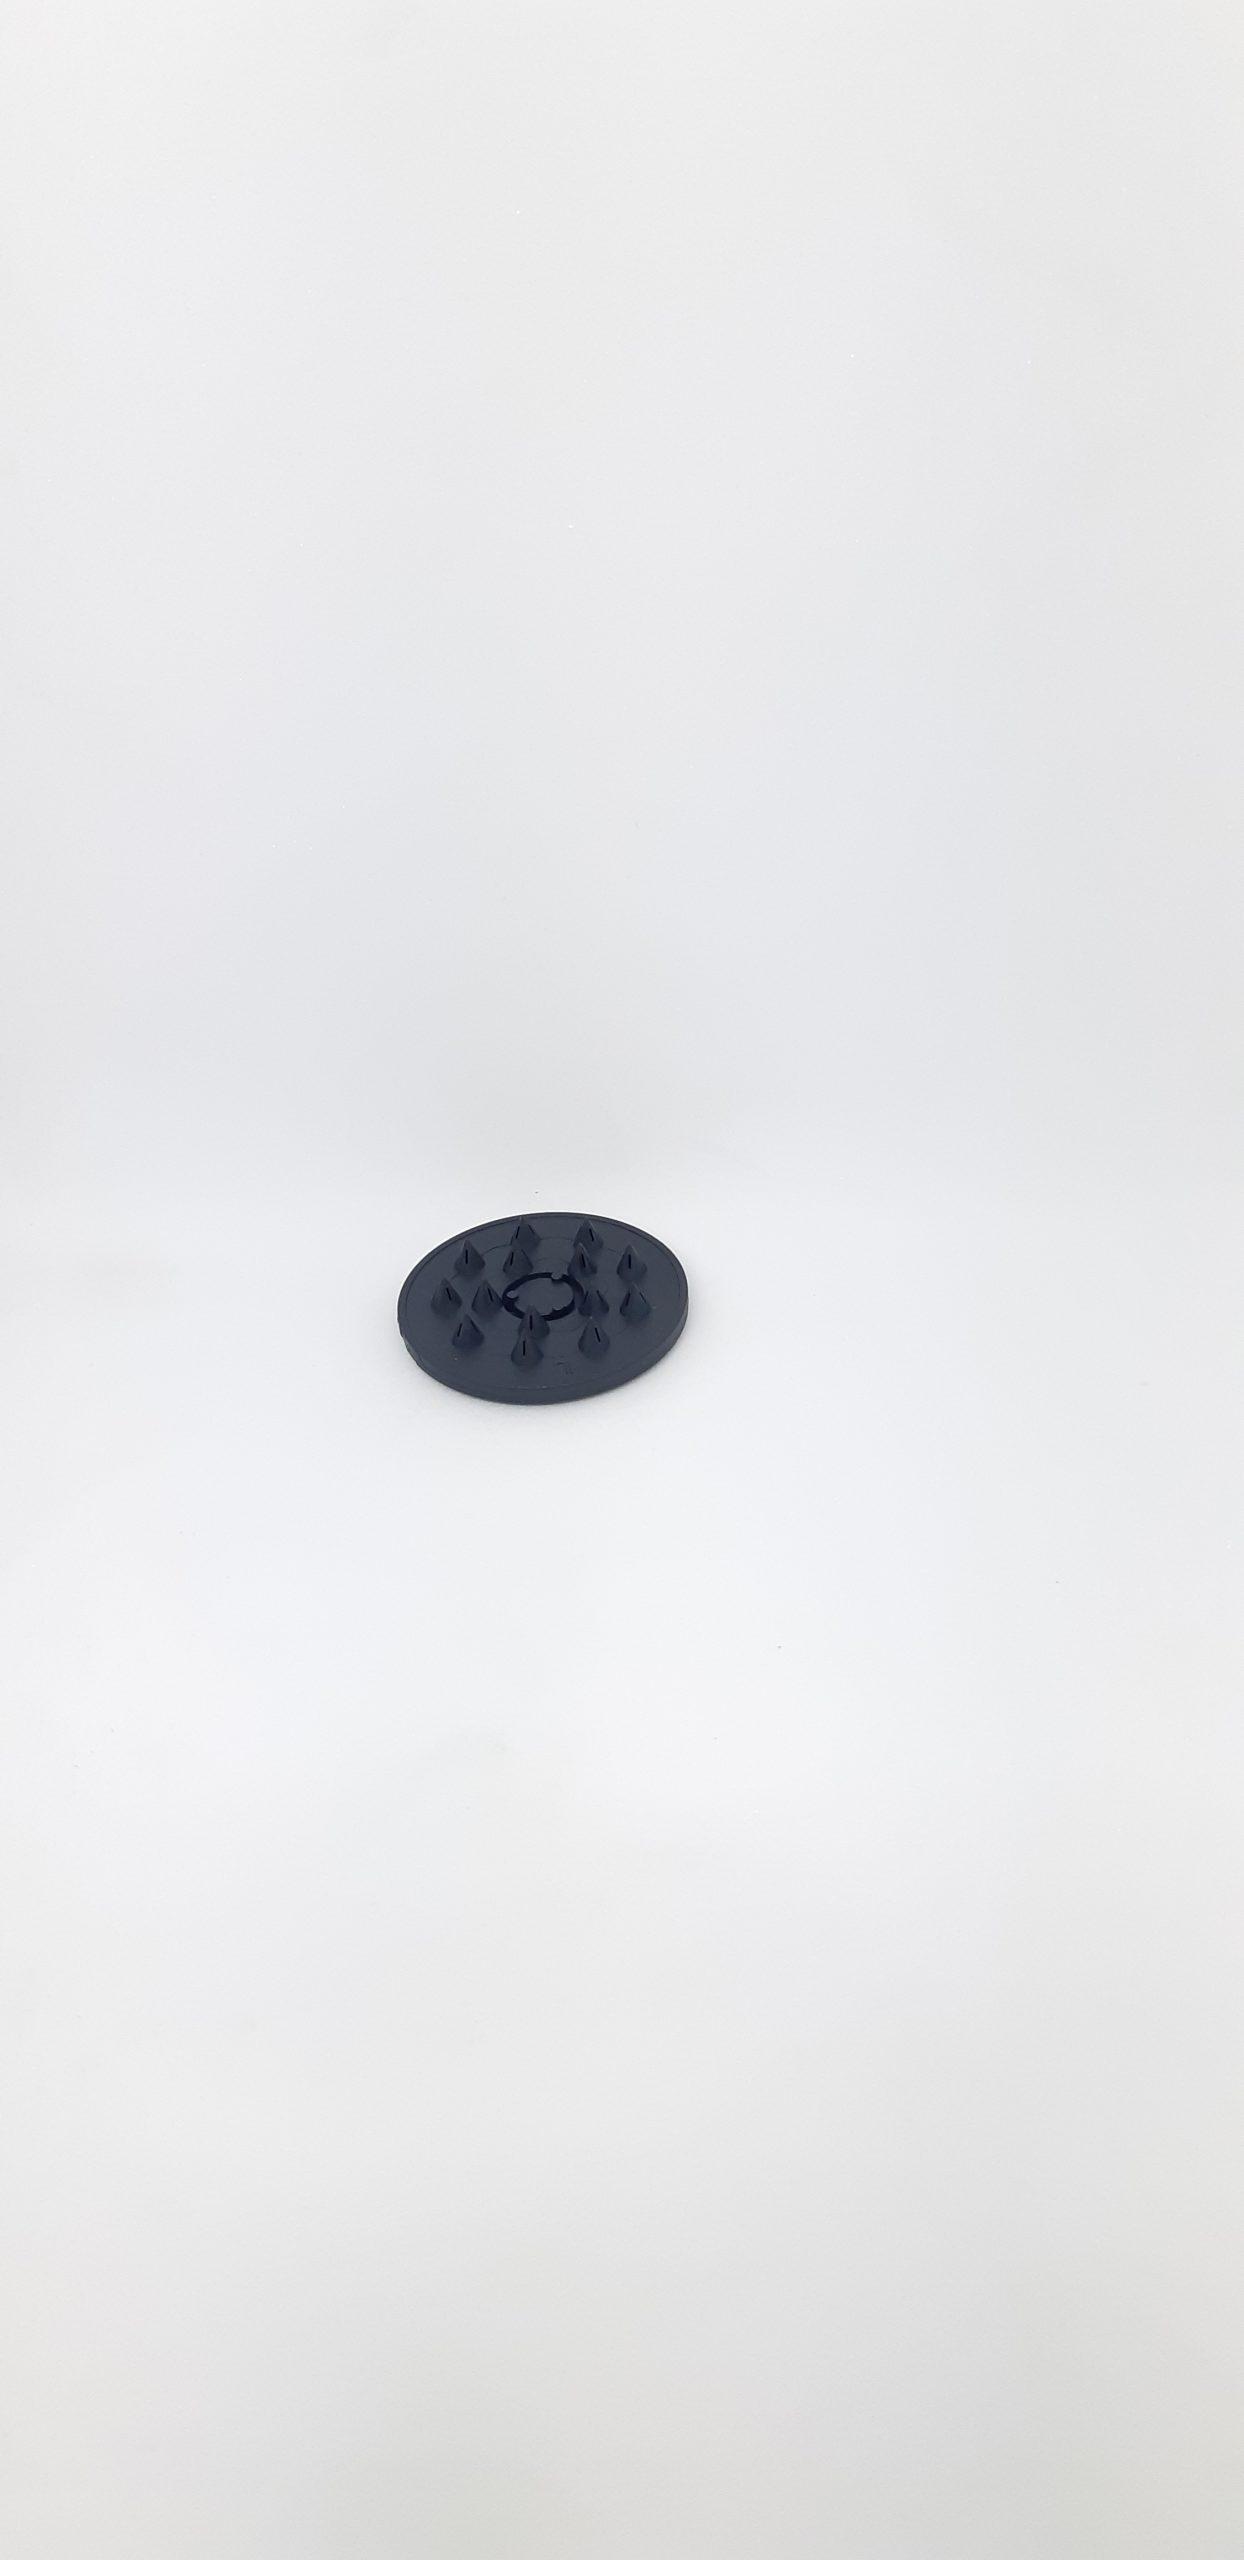 Игли/перфоратор LB1000 - 10066943